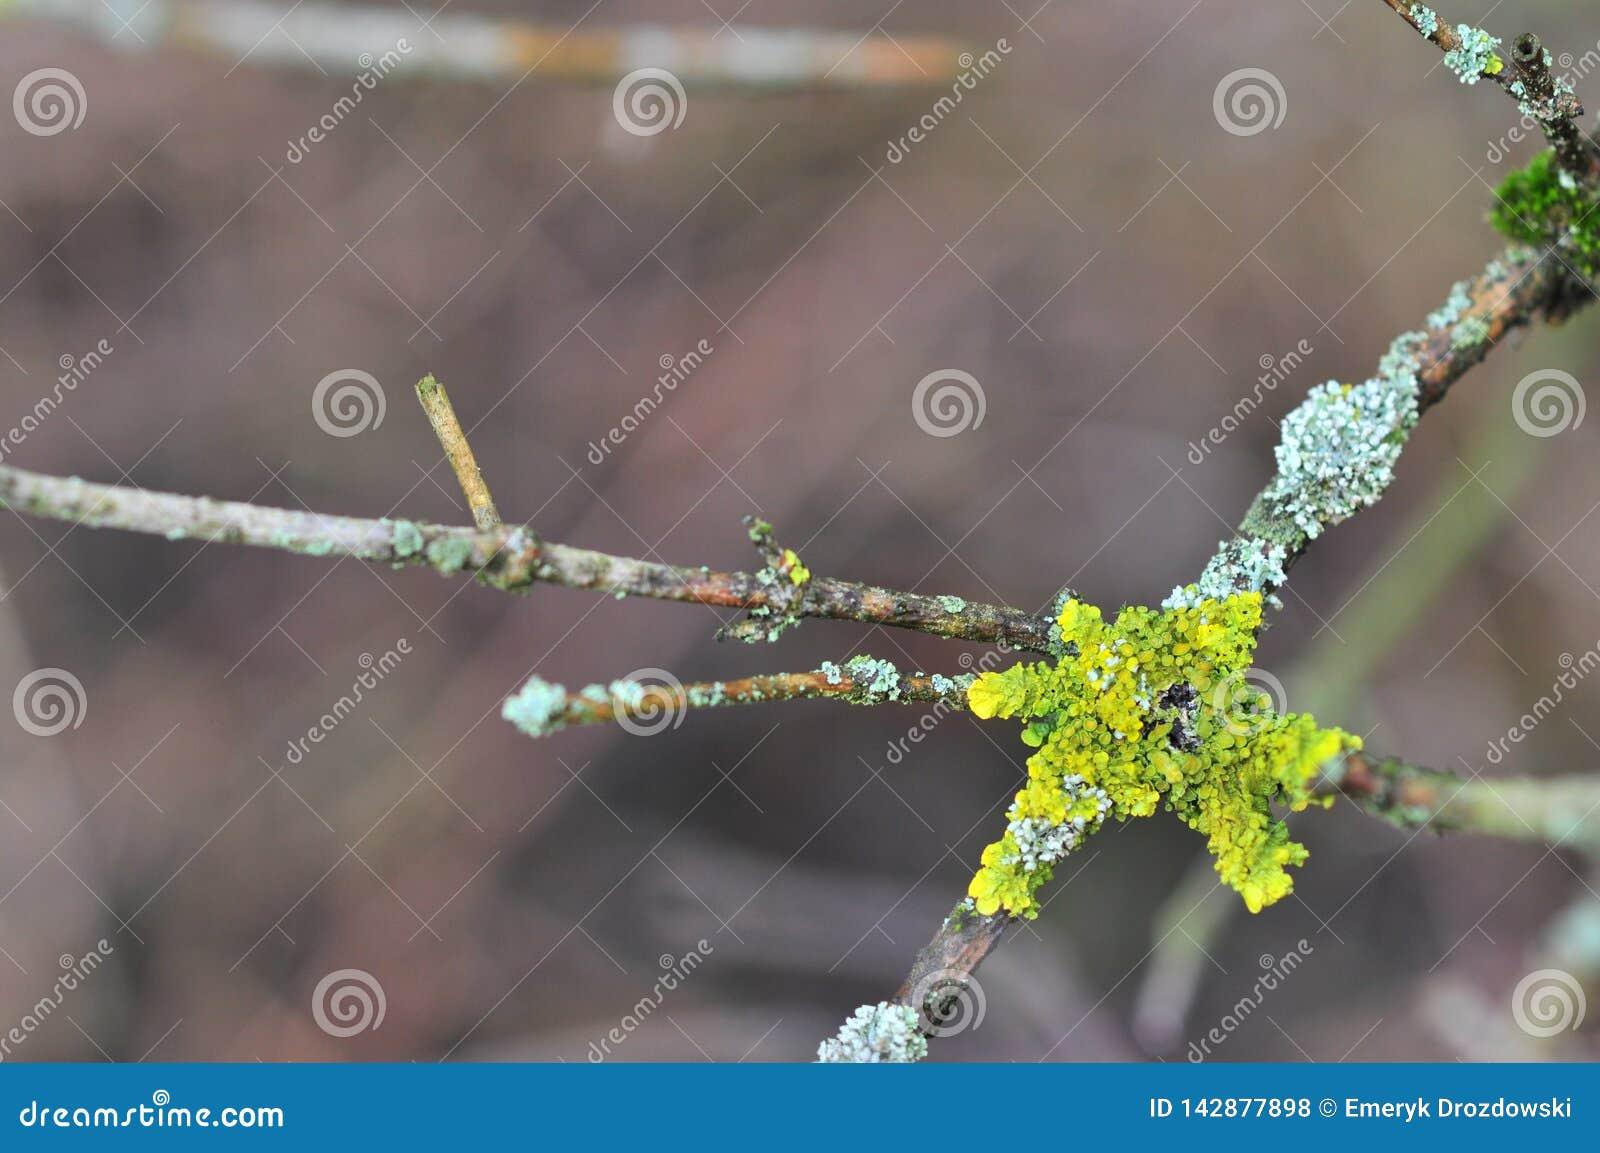 Hypogymnia physodes and Xanthoria parietina common orange lichen, yellow scale, maritime sunburst lichen and shore lichen